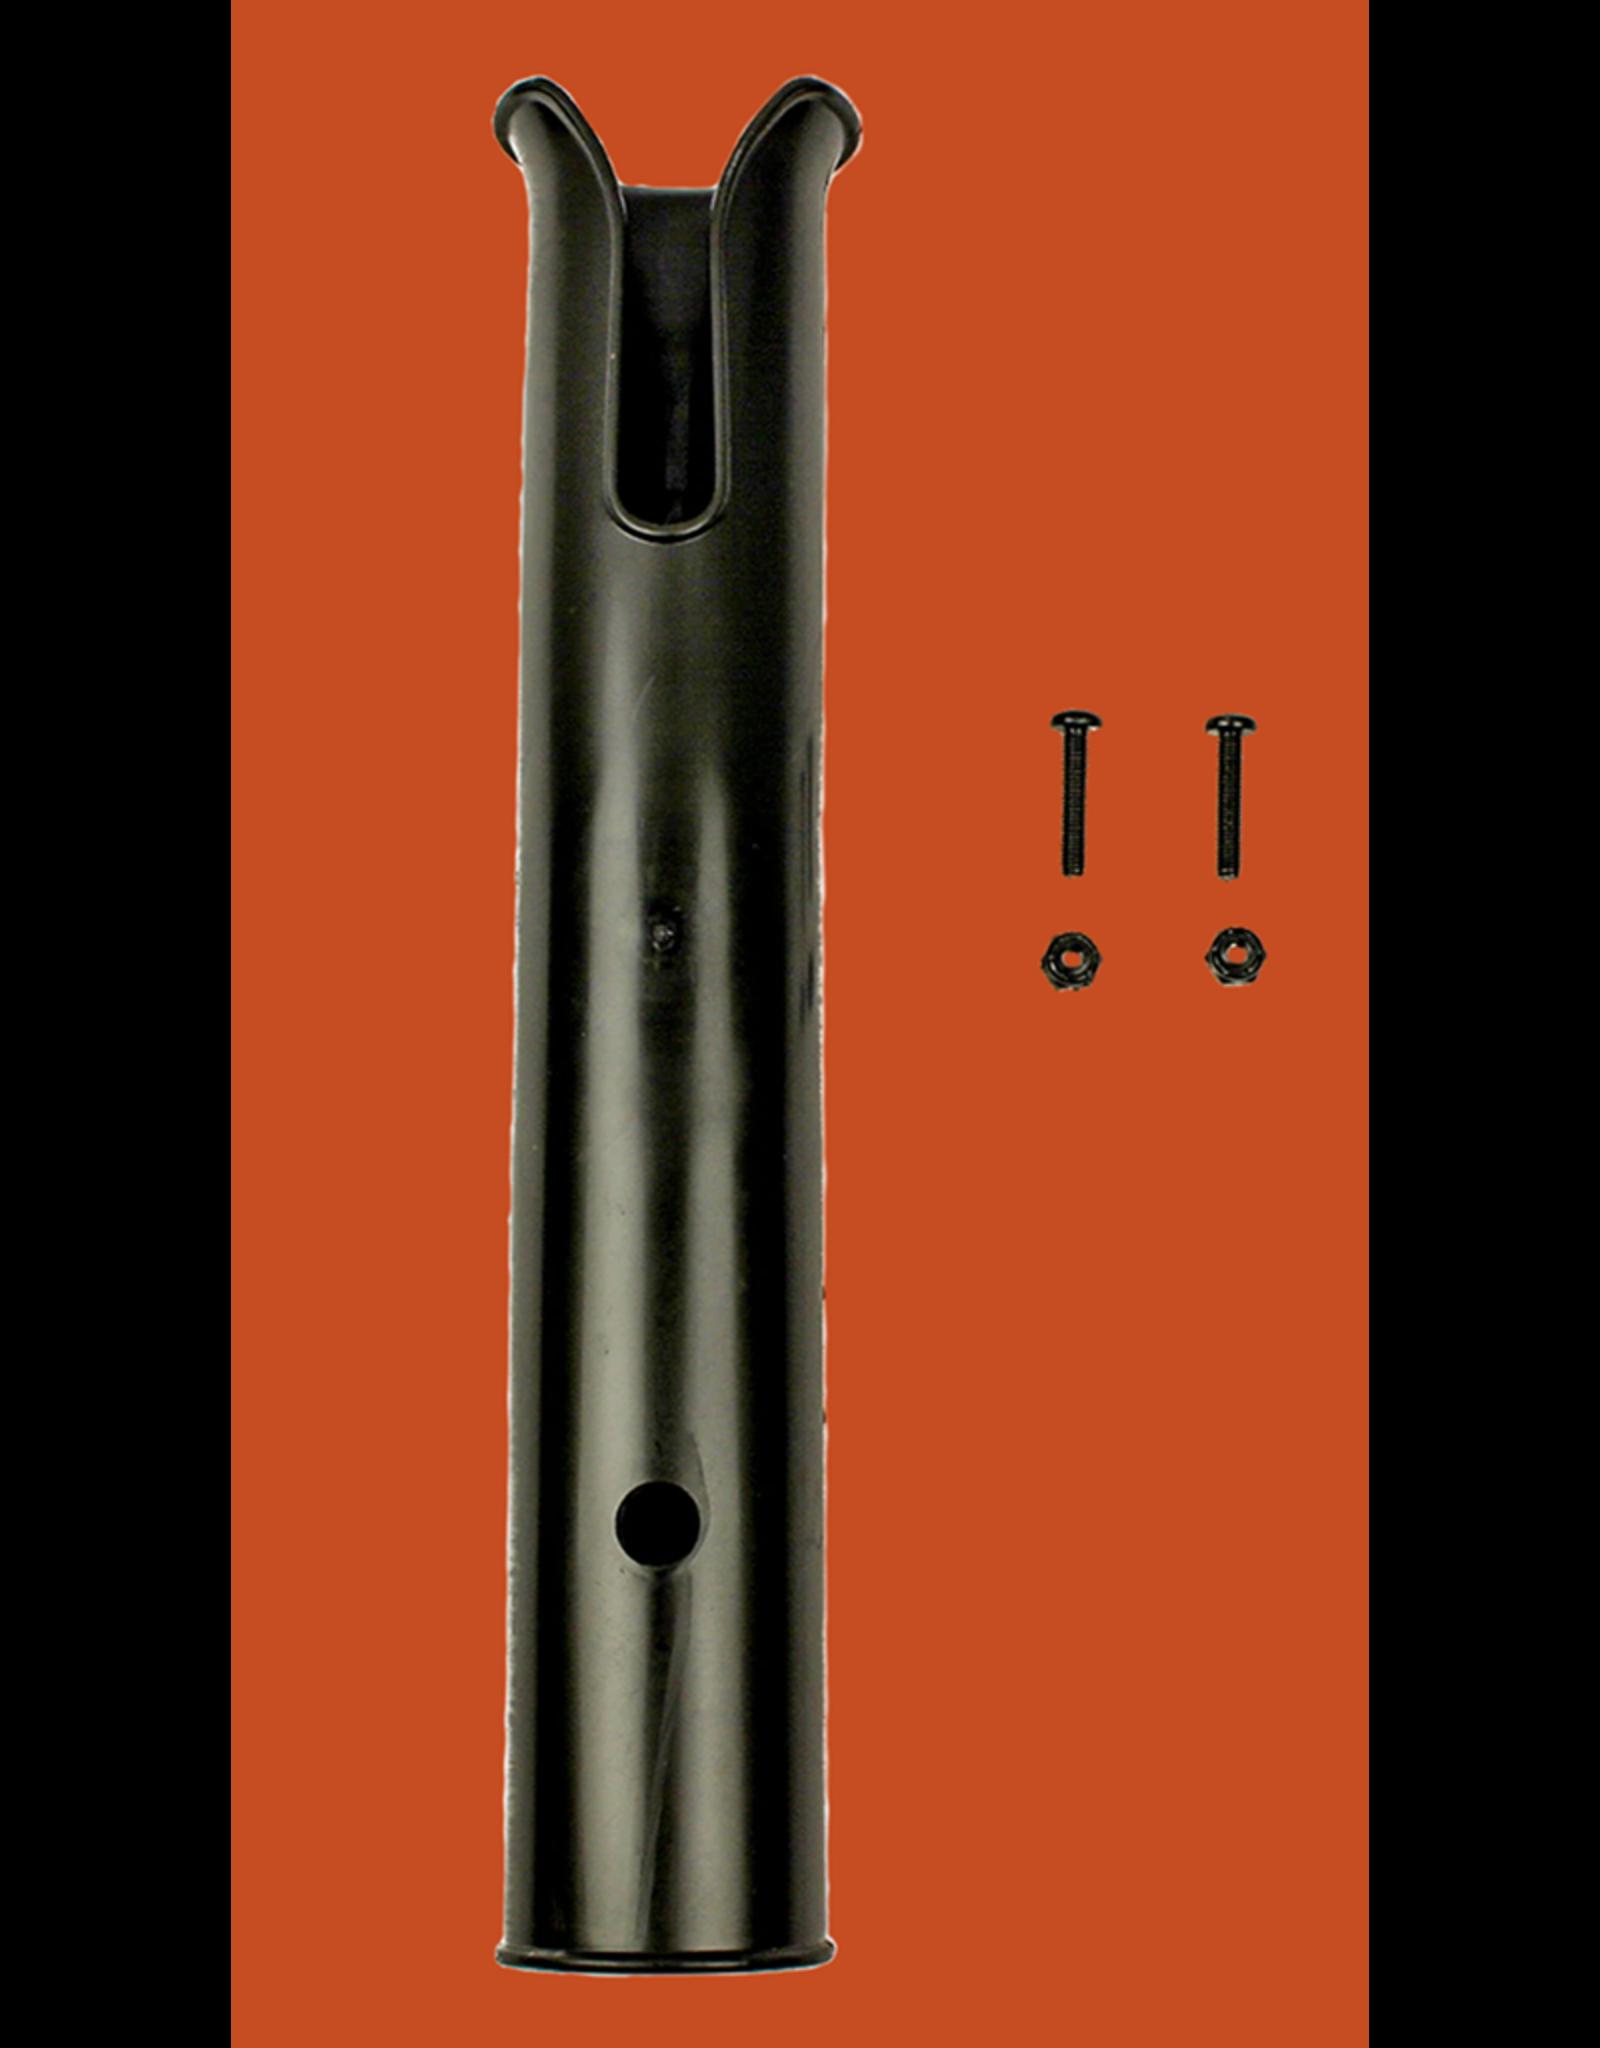 YakAttack Side Mount Rod Tube